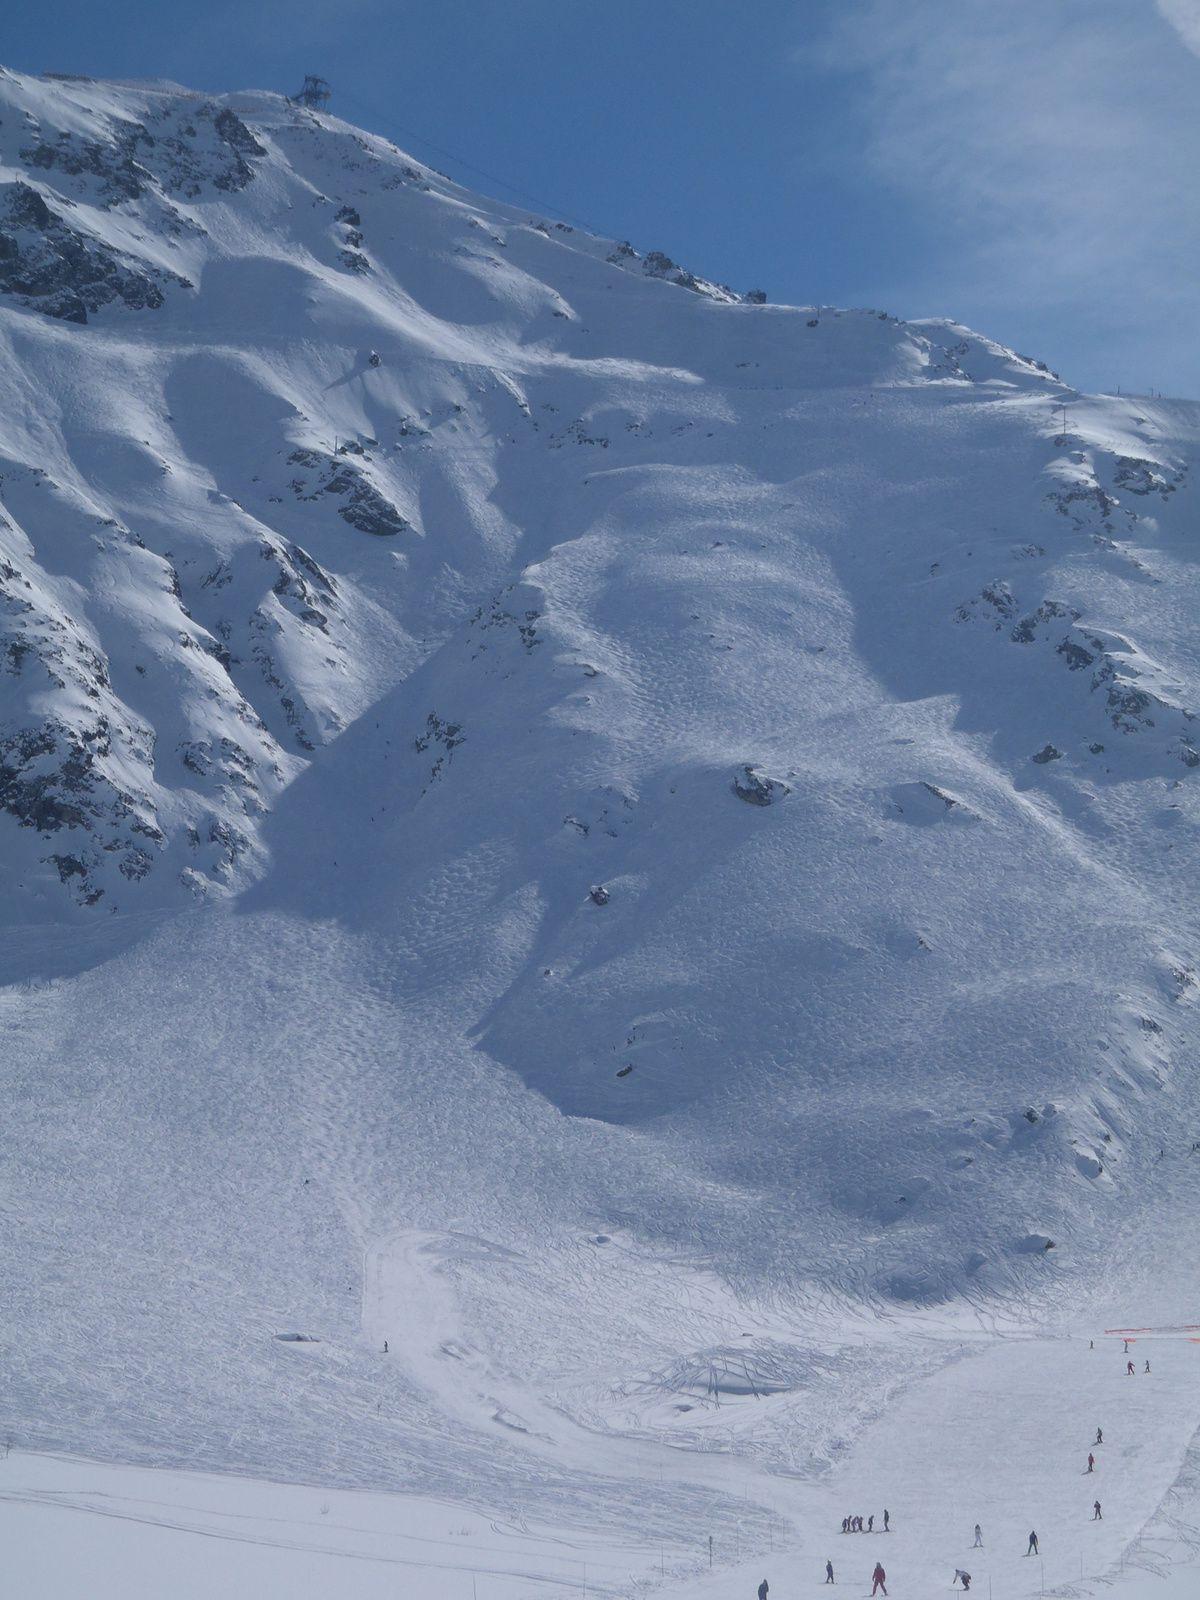 Secteur Arcs 2000, sur les pistes Natur' (en fait ce sont des pistes non damées) Robert Blanc, Dou de l'homme et Lanches, la neige est comme neuve tous les jours. C'est bien dommage de skier à tour de rôle.